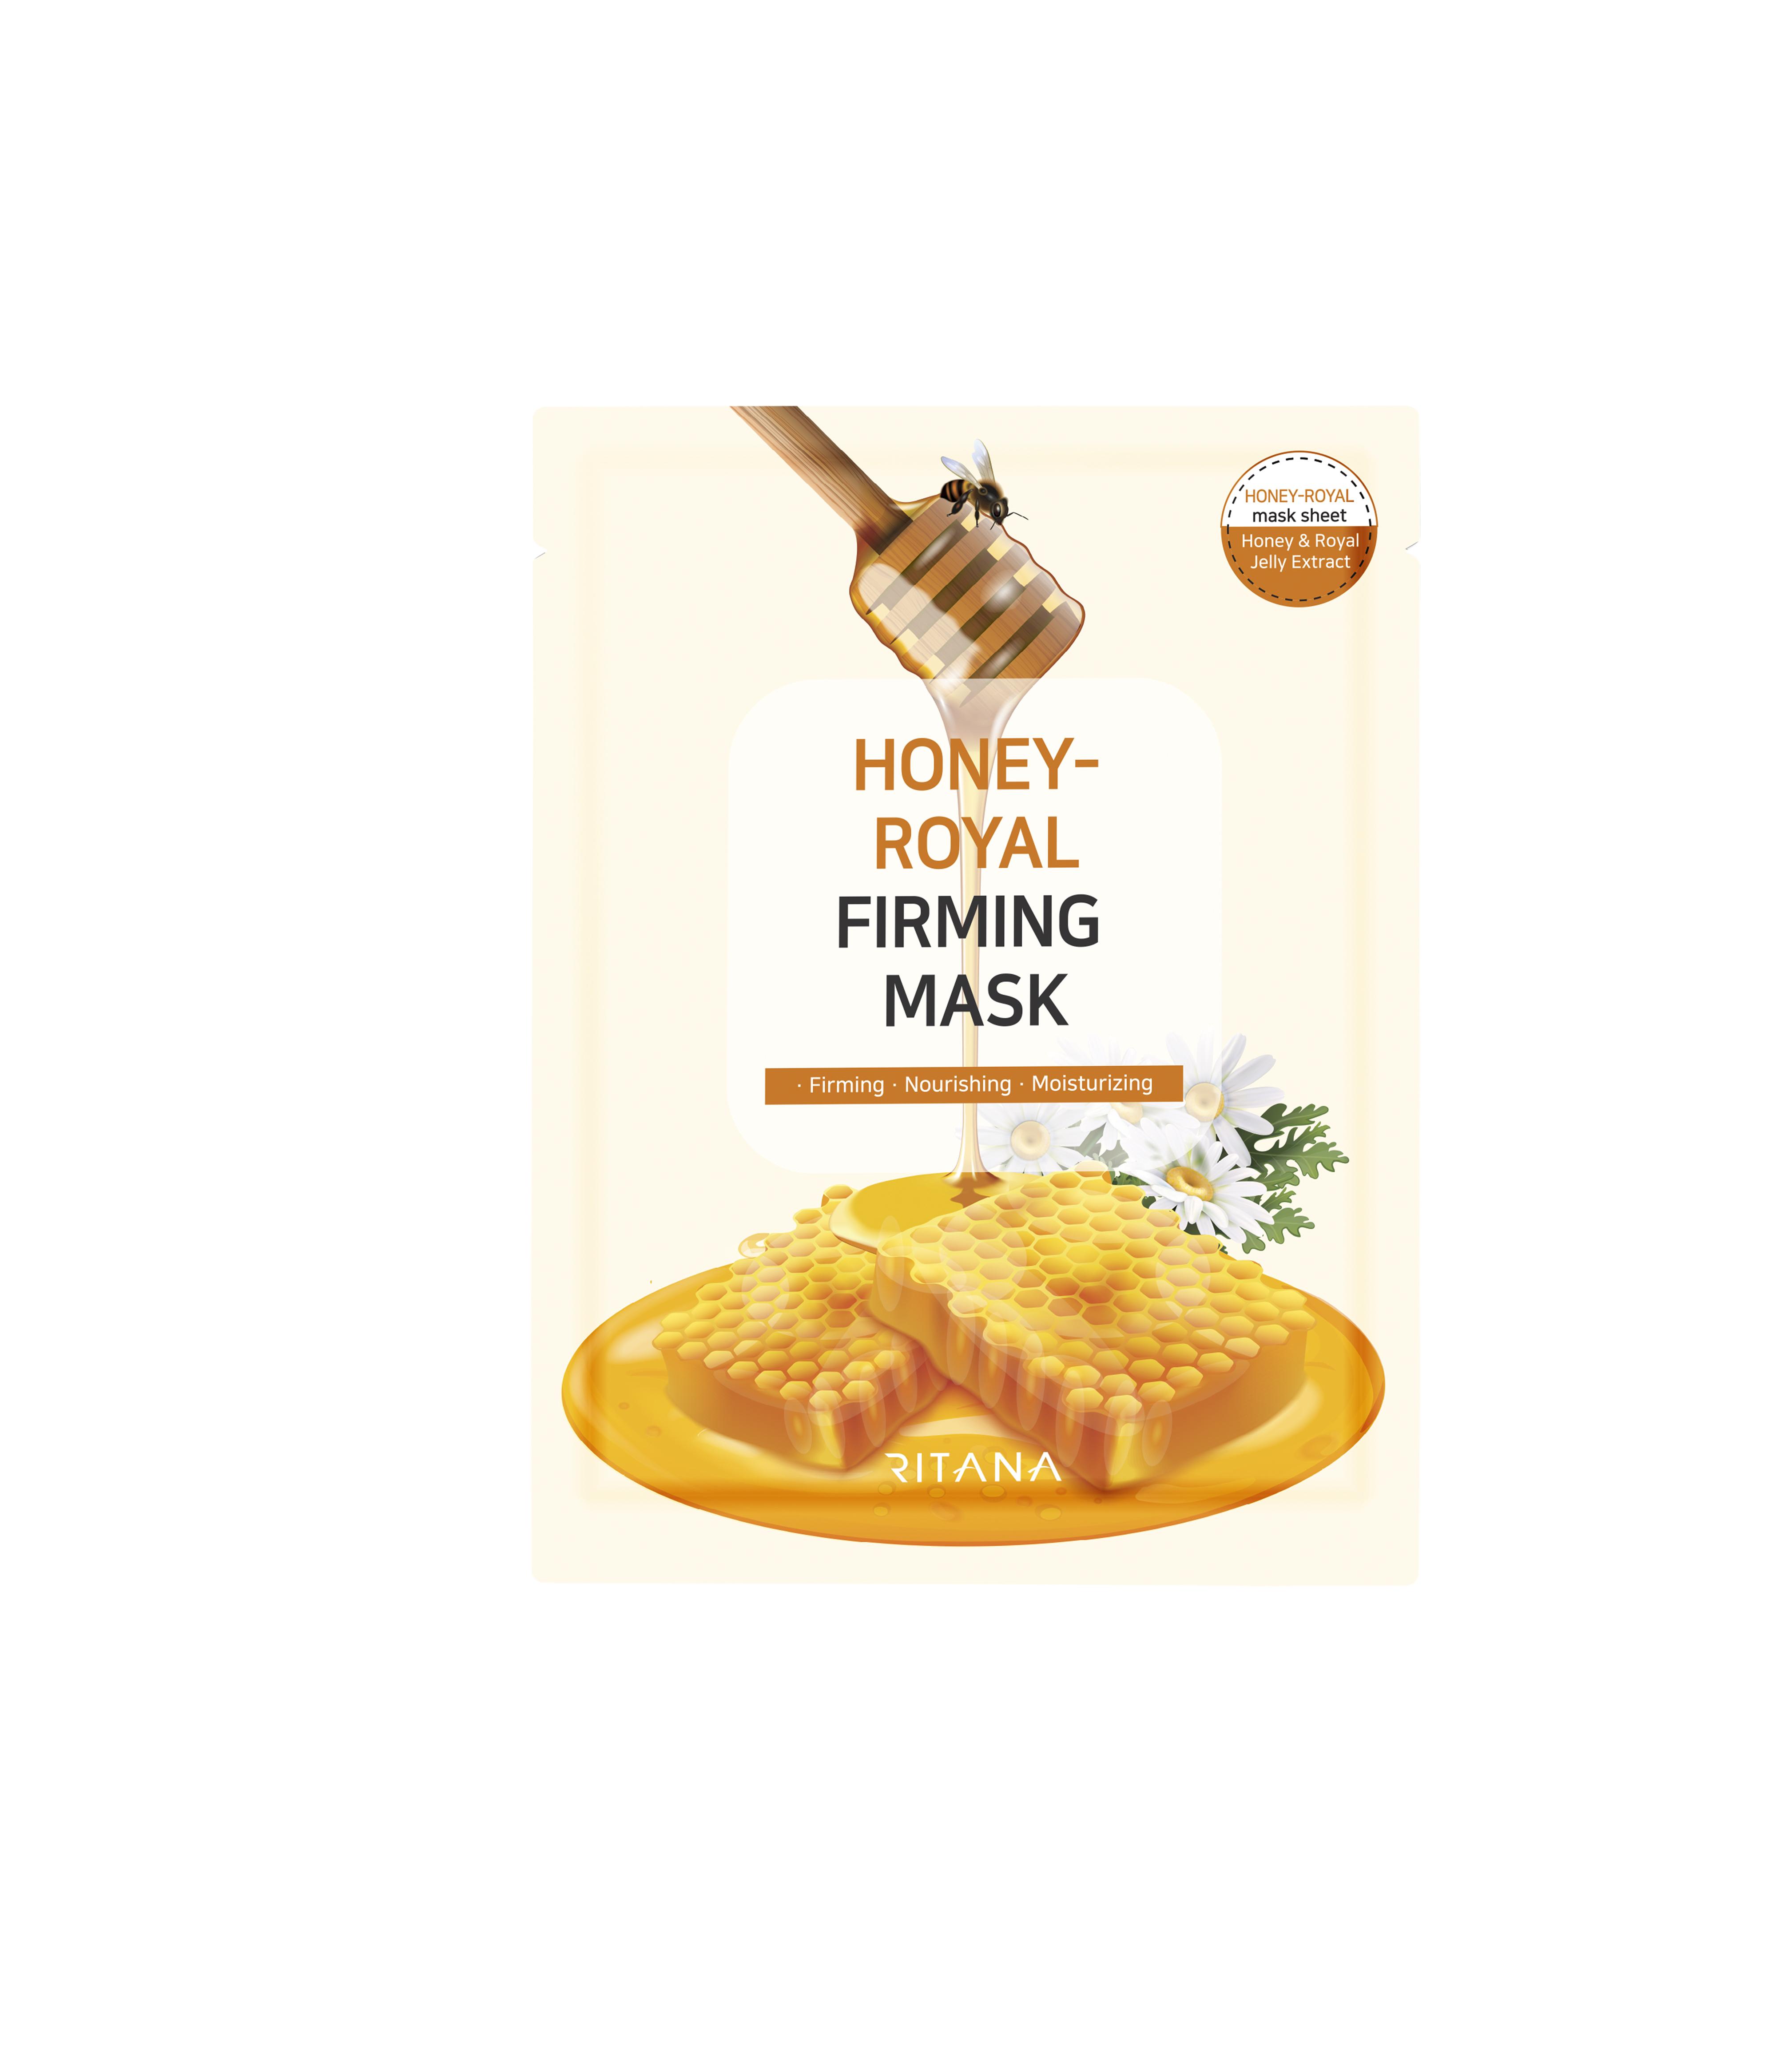 【新商品¥100OFF】【10枚】リタナ ハニーローヤル ファーミング マスク 10枚